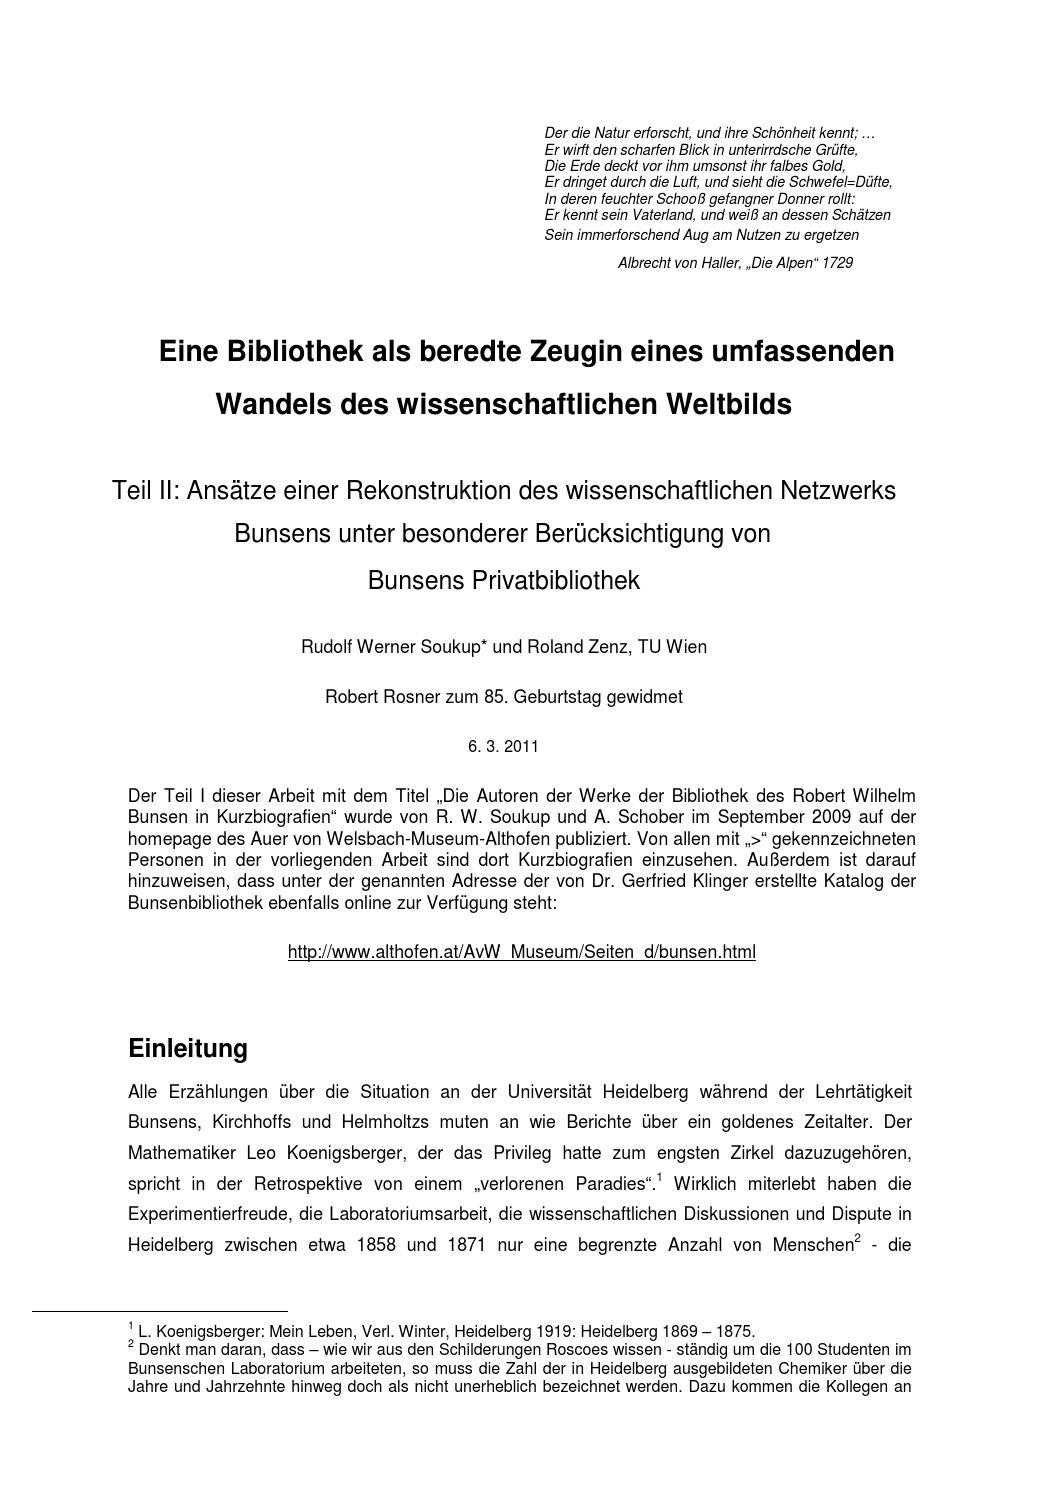 Autoren der Bunsenbibliothek, Teil 2 by Auer von Welsbach Museum - issuu